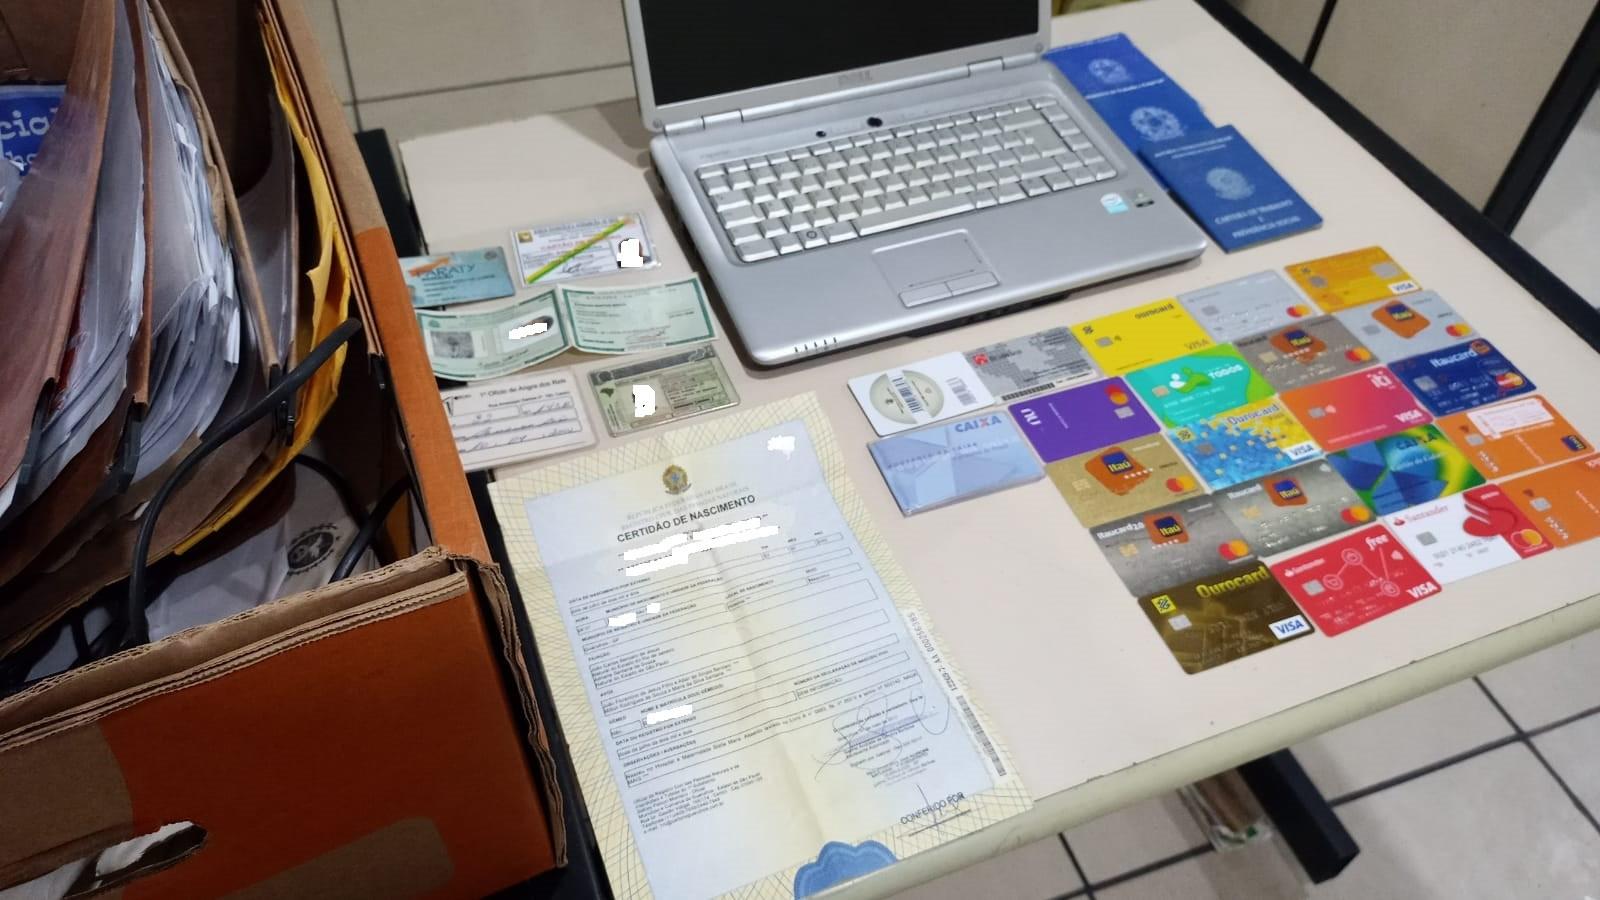 Dizendo ser advogado, homem promete emprego e utiliza documentos das vítimas para fazer compras em Angra dos Reis